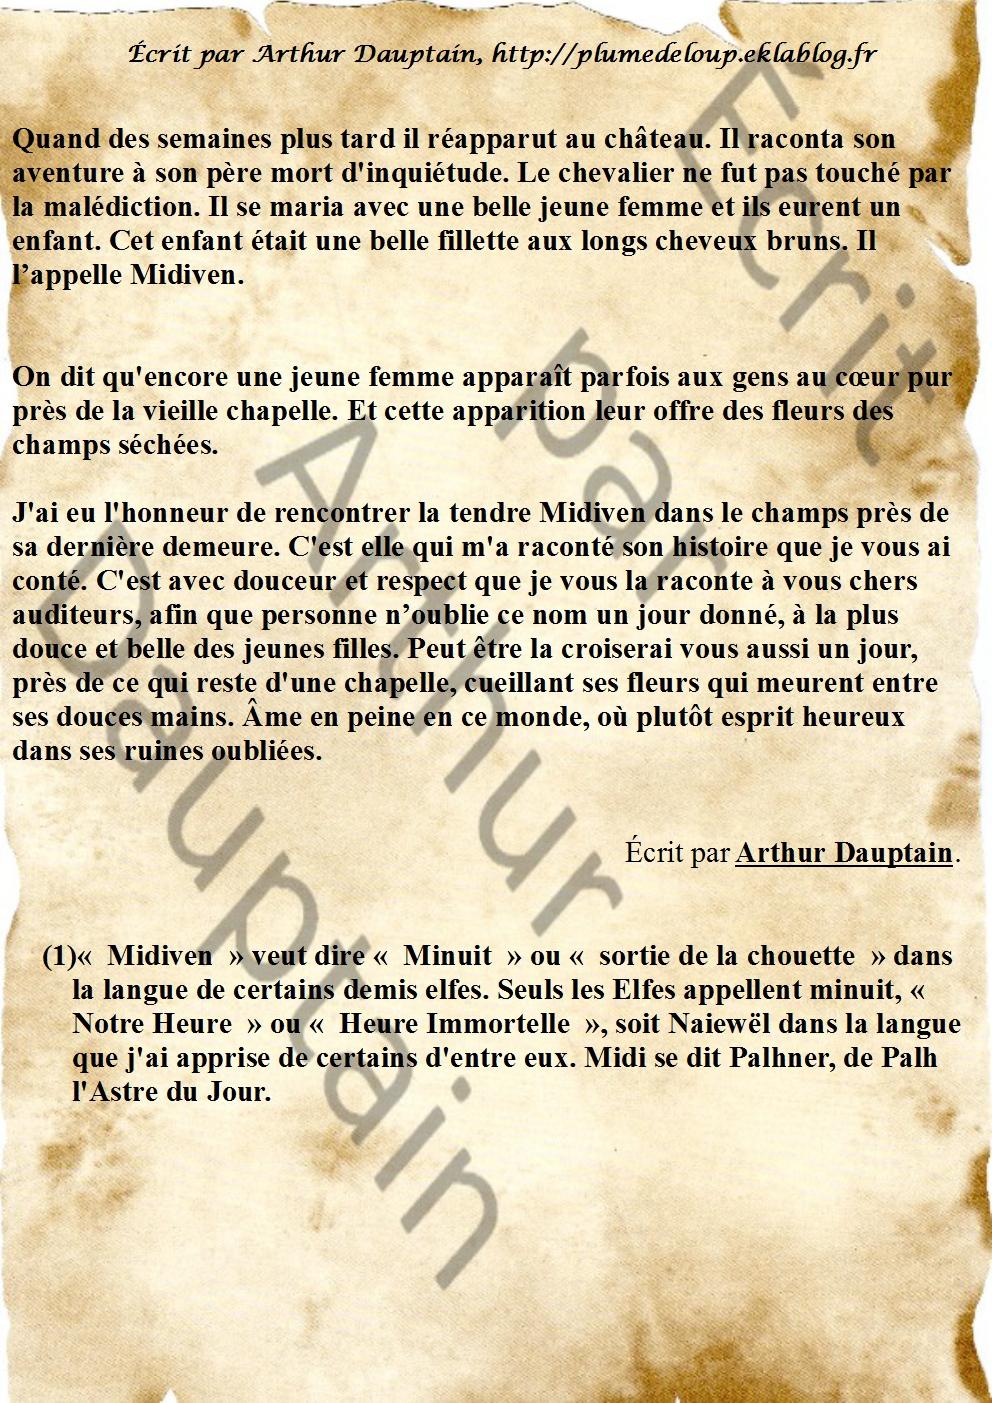 Midiven, la Douce Histoire de Fantôme.